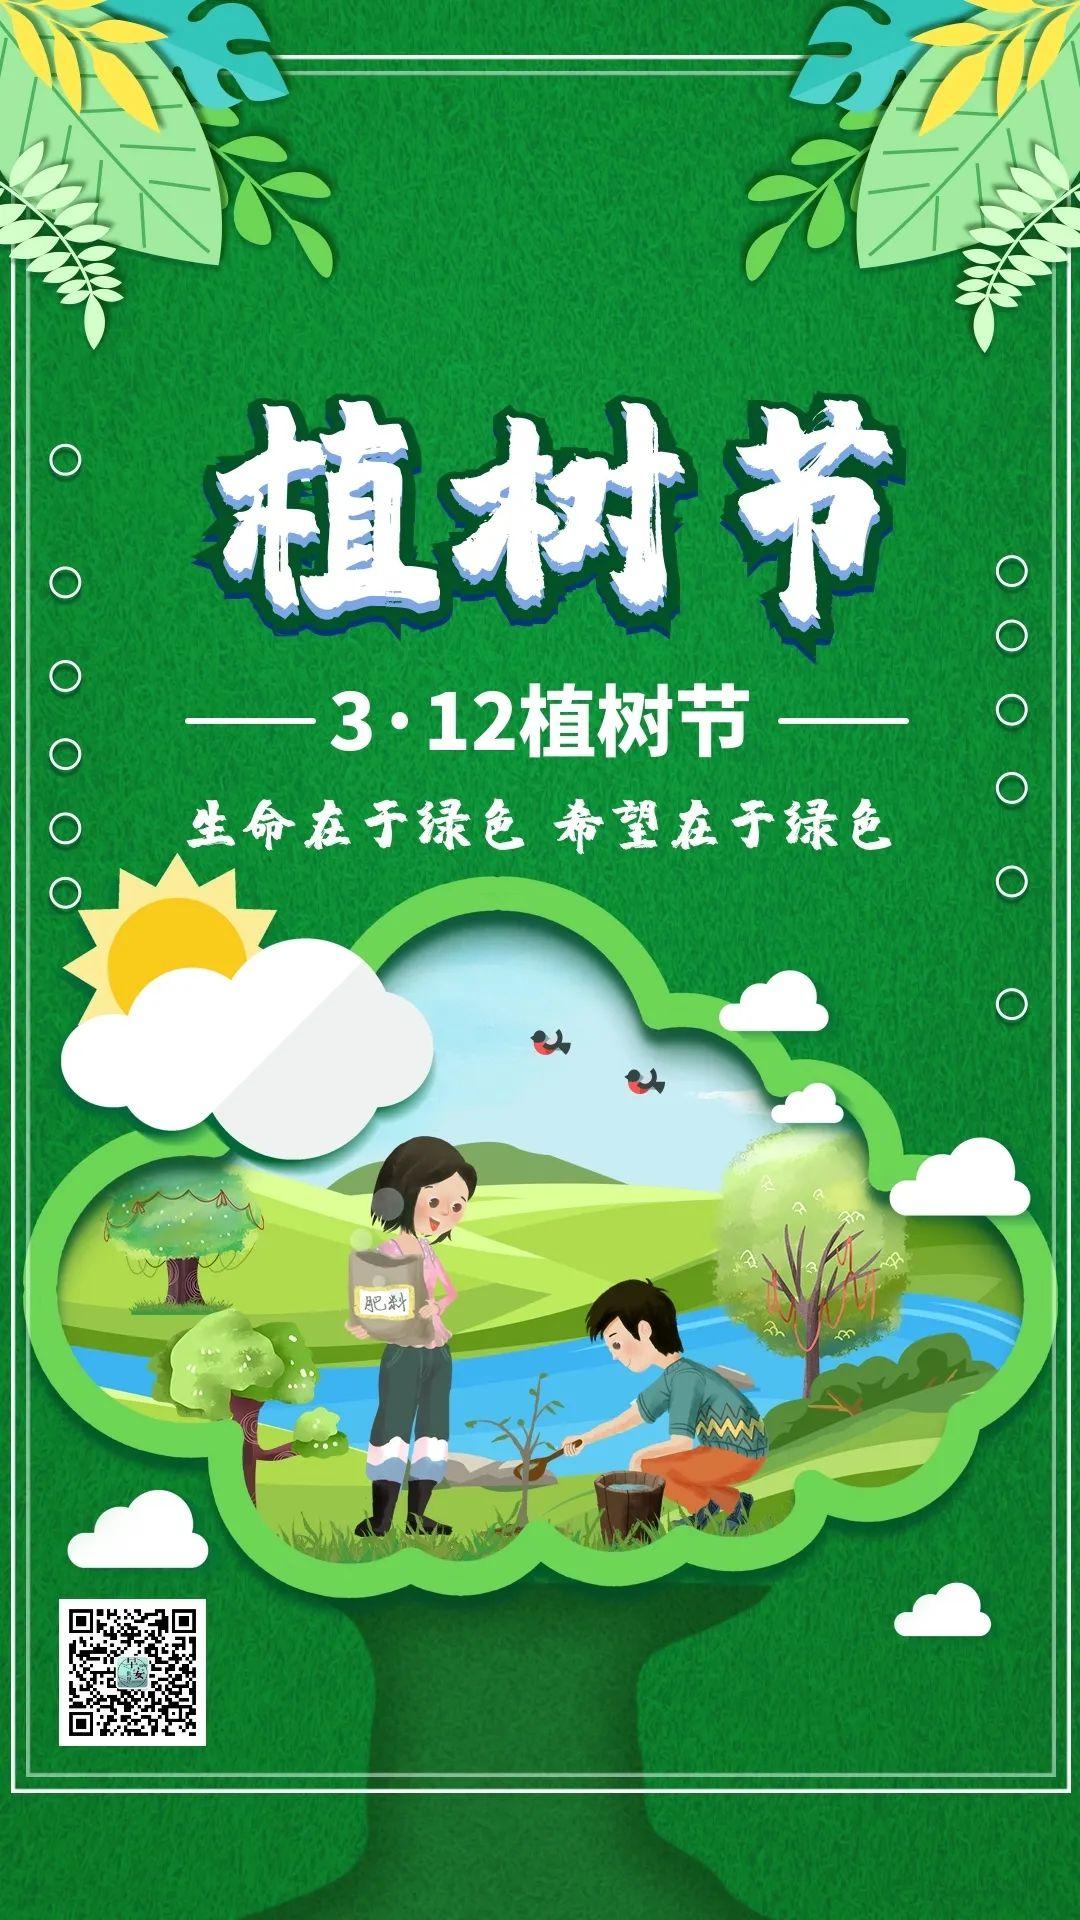 3月12日朋友圈植树节文案:大手拉小手,同栽一片绿!插图